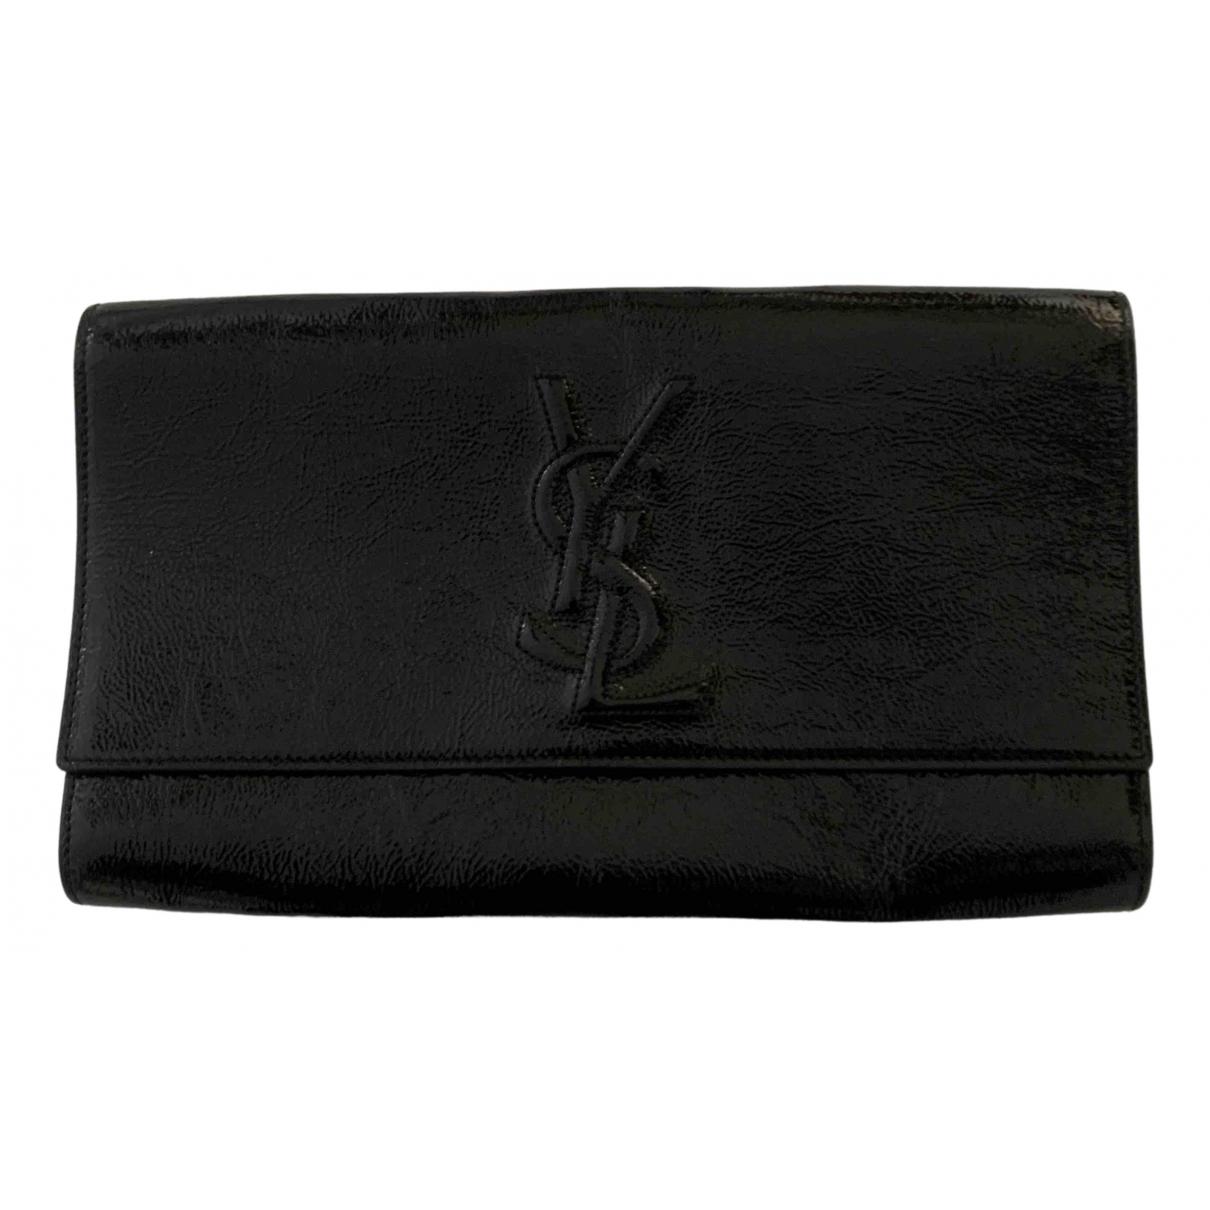 Yves Saint Laurent Belle de Jour Black Patent leather Clutch bag for Women N